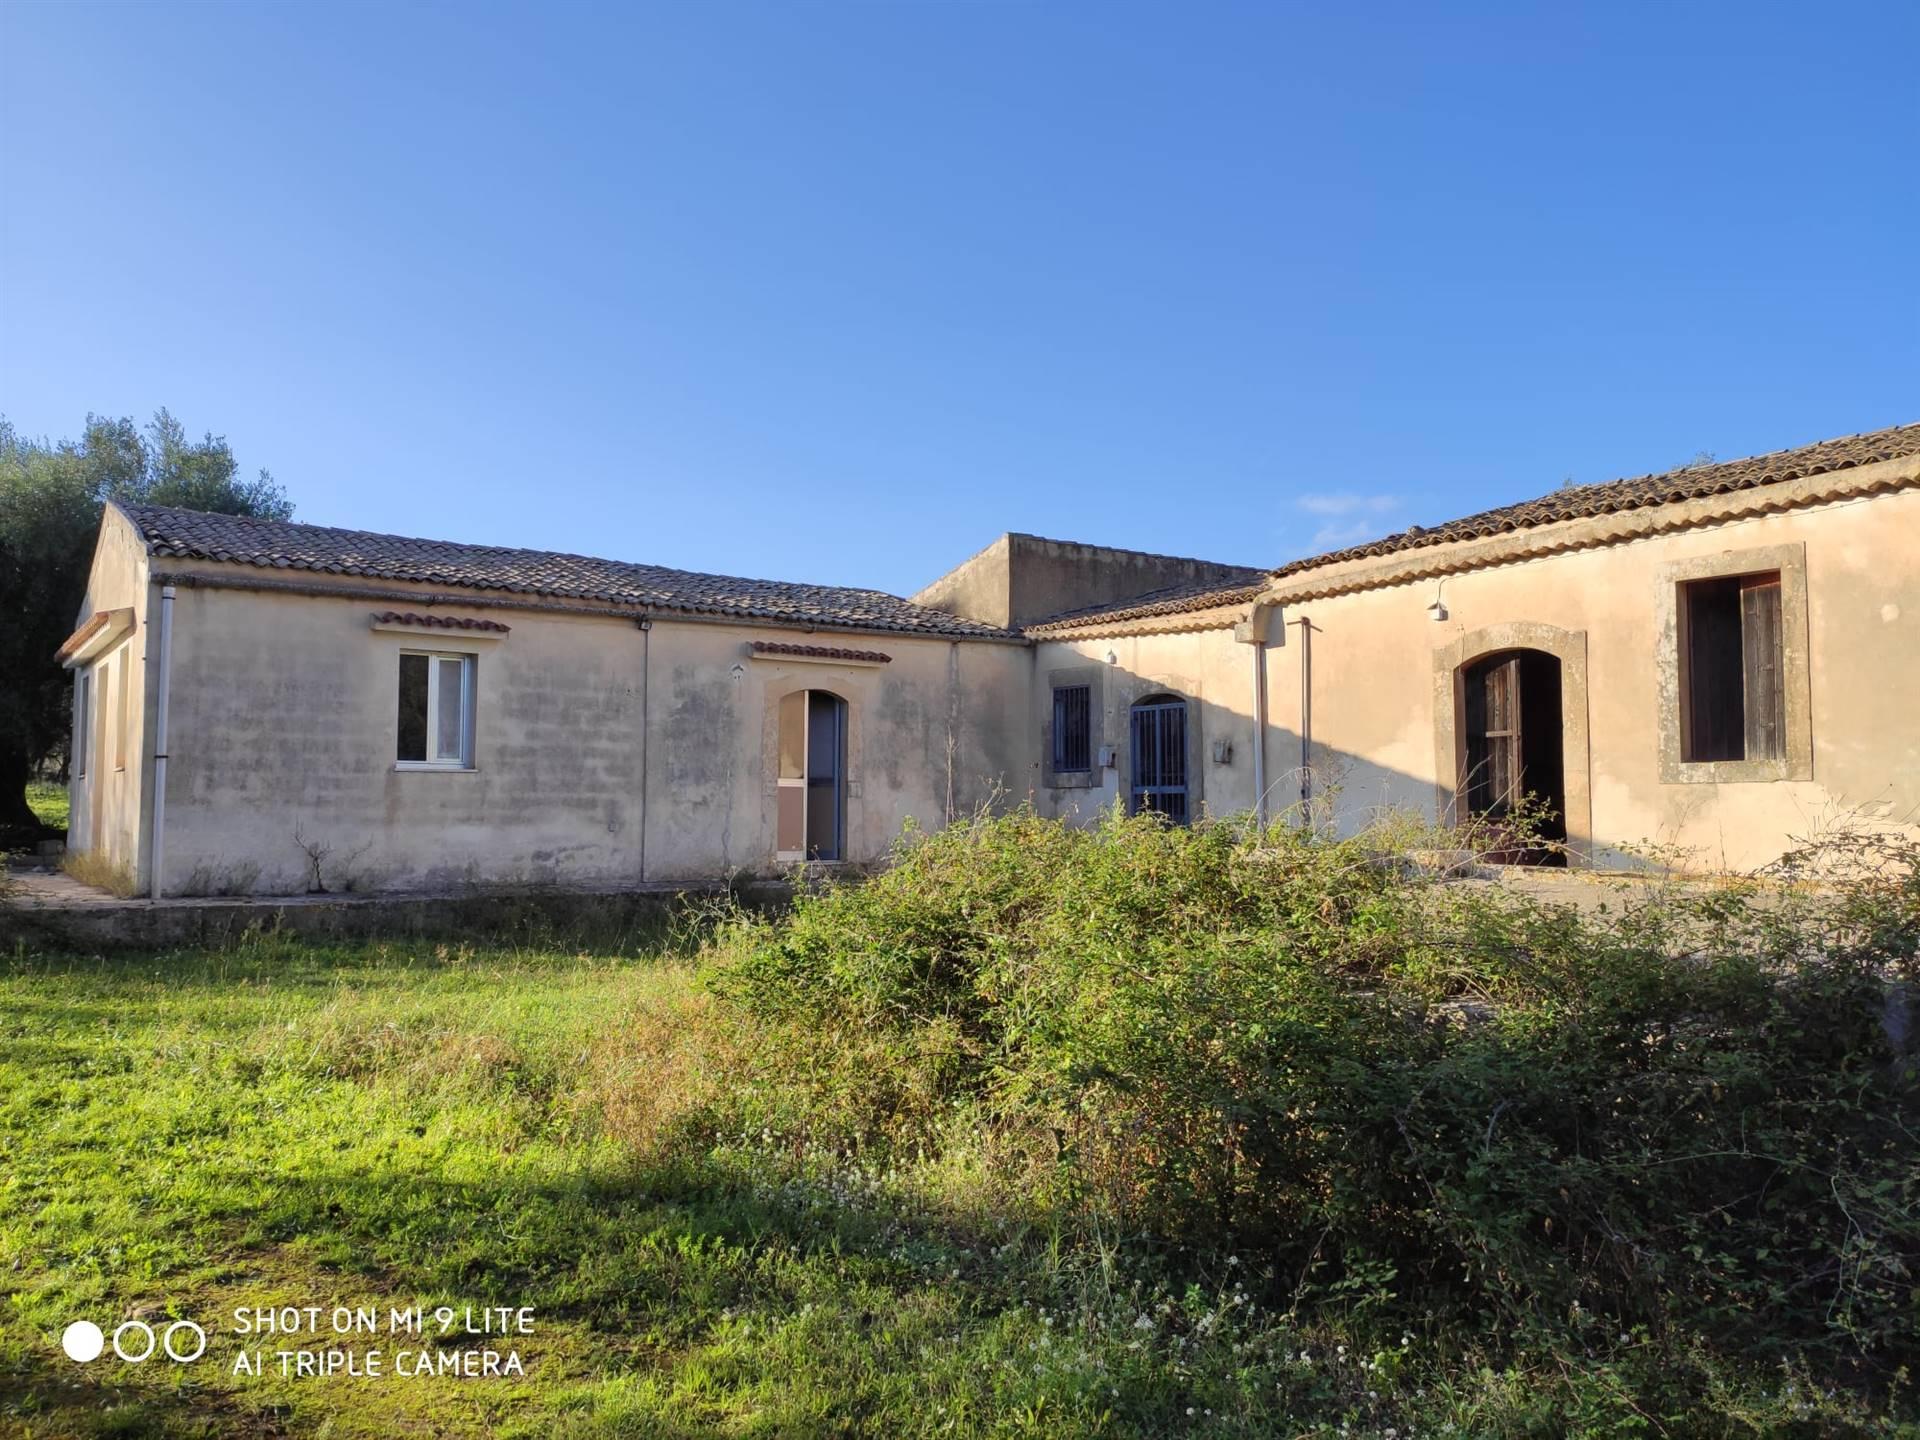 Terreno Agricolo in vendita a Canicattini Bagni, 8 locali, zona Località: MAREMONTI, prezzo € 205.000   CambioCasa.it